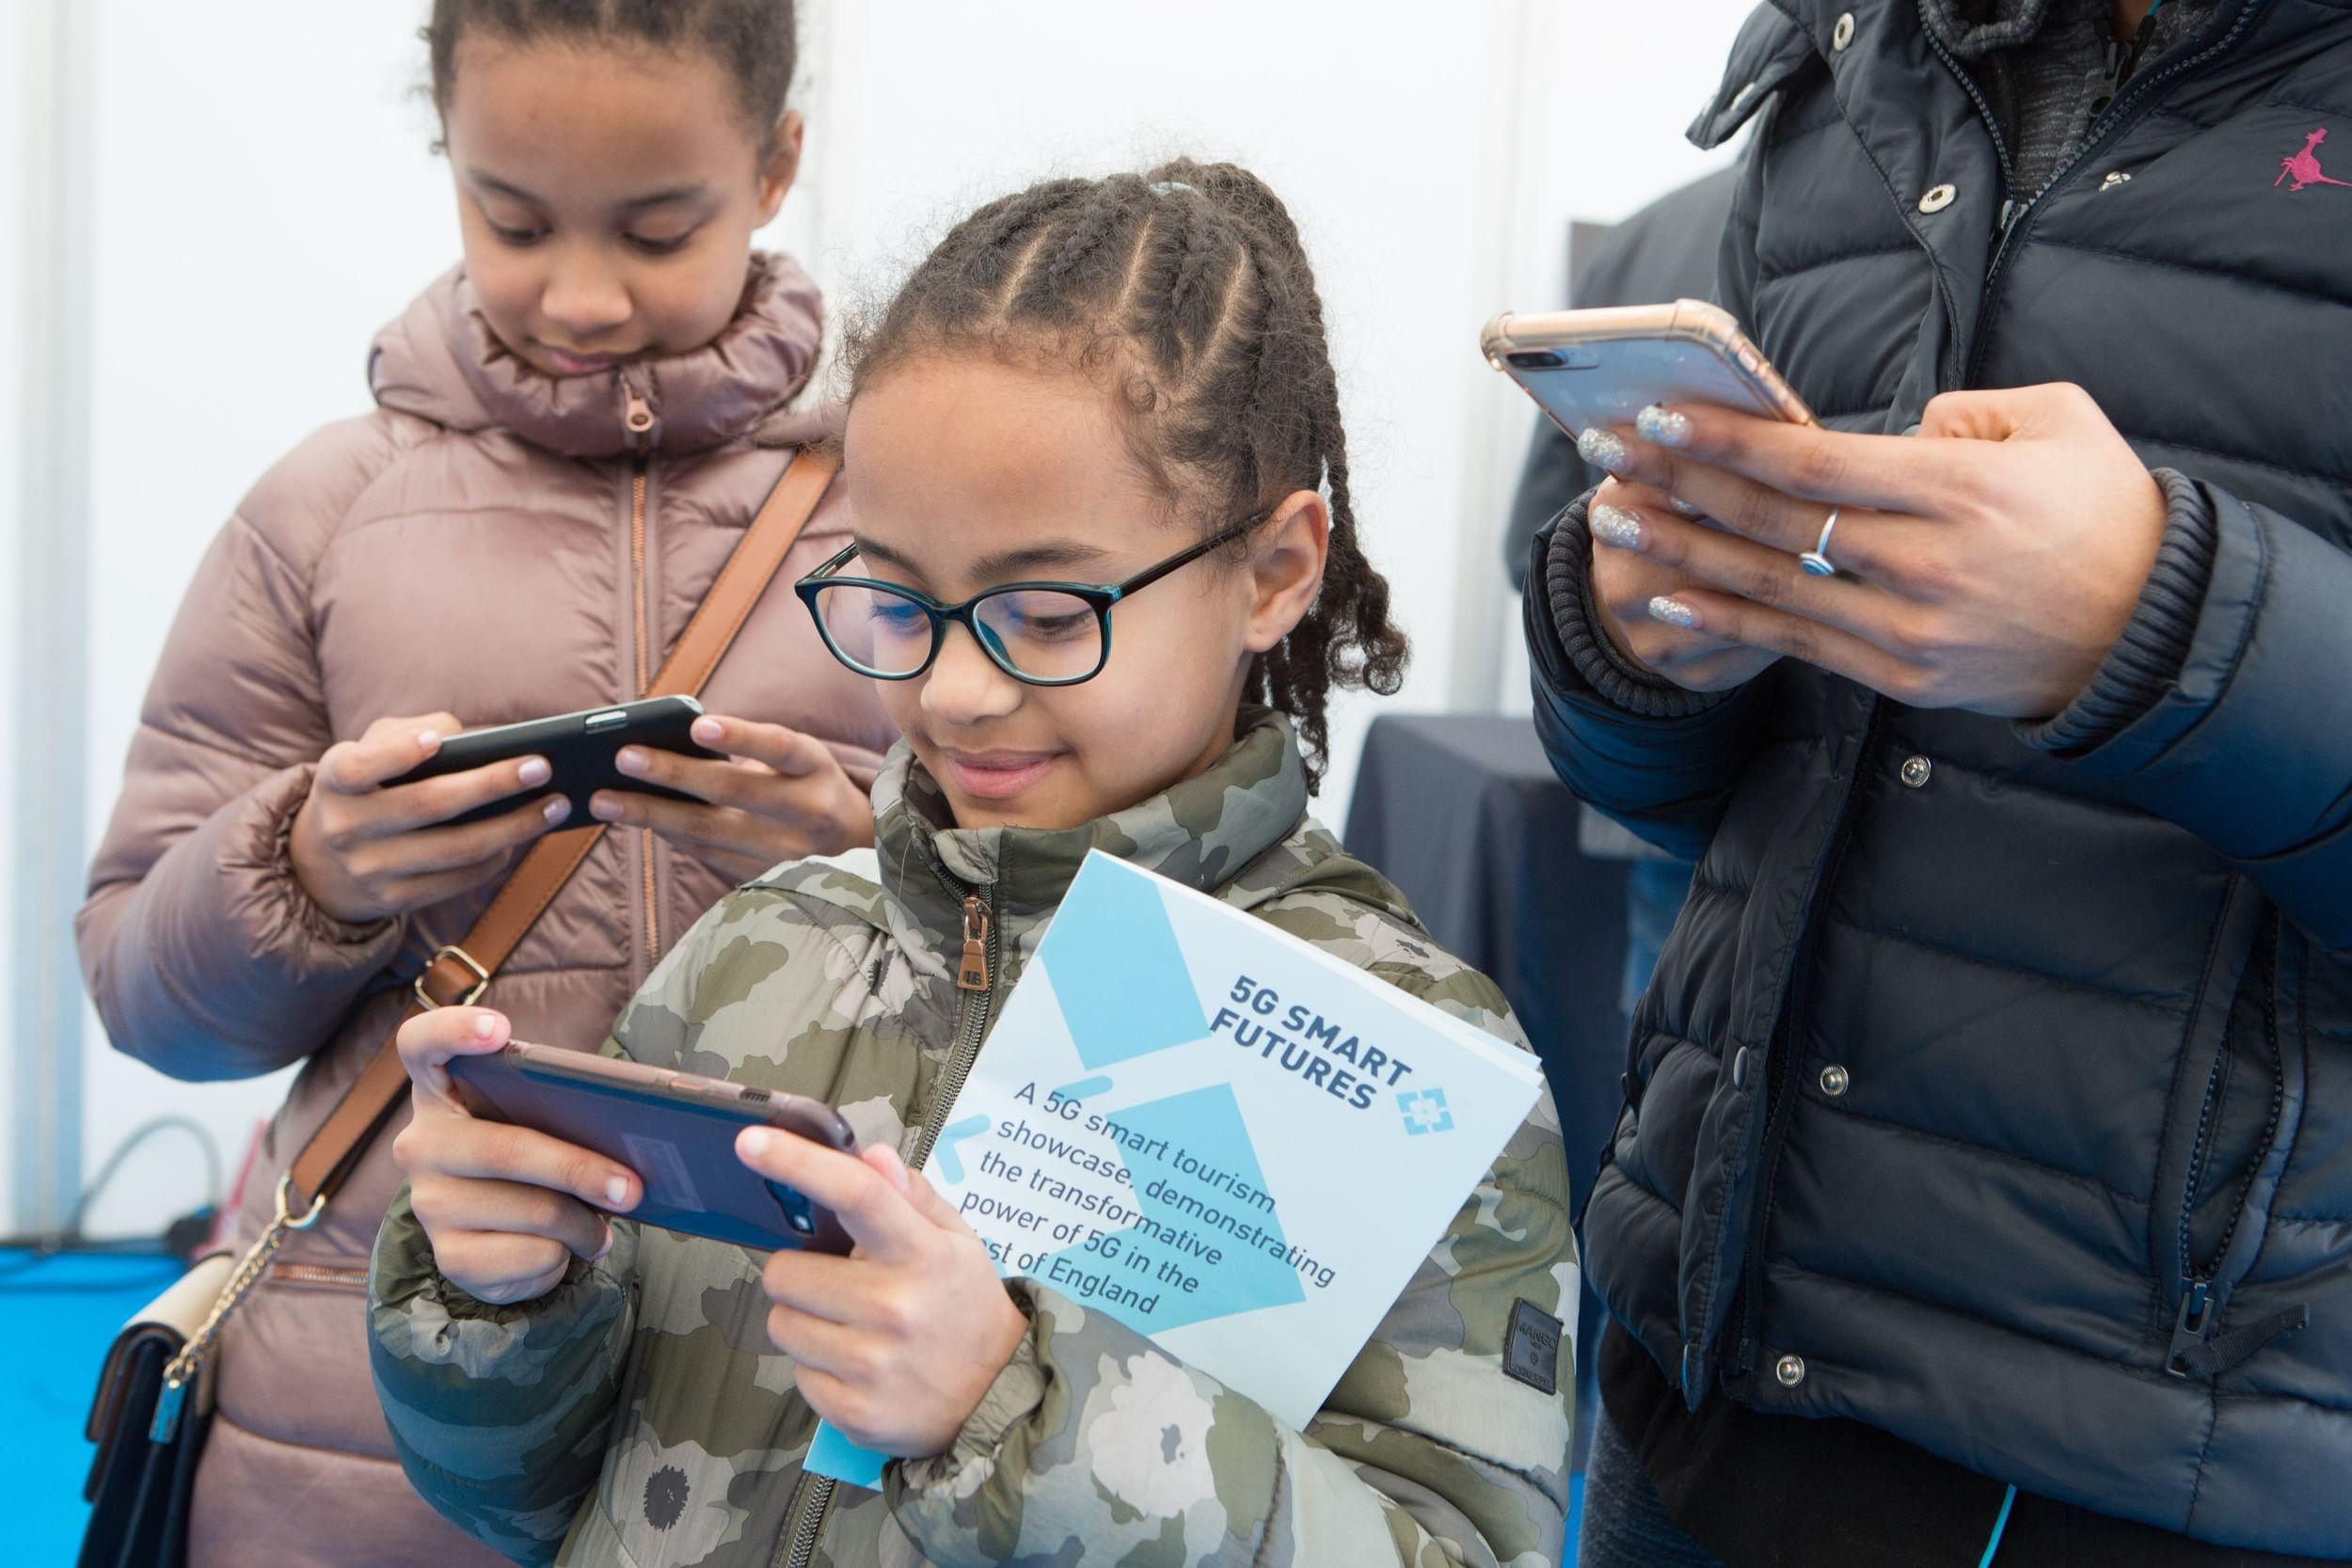 Children looking at 5G smartphones